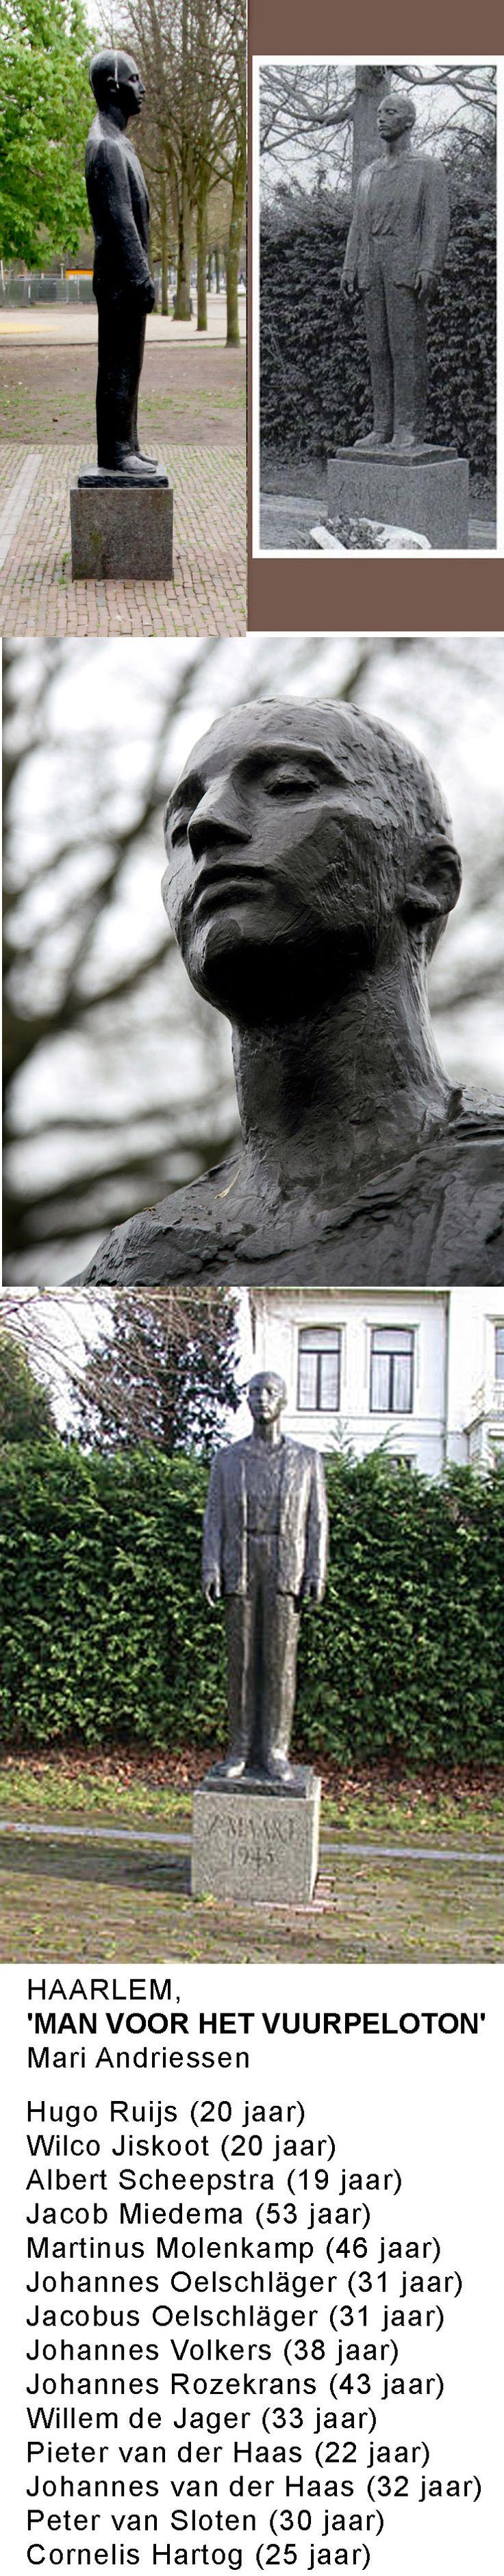 """Man voor het vuurpeleton. De Dreef, Haarlem. """"In al zijn eenvoud Groots"""".  Ref. http://nl.wikipedia.org/wiki/Represaille_de_Dreef_%28Haarlem%29 Film: http://www.beeldengeluid.nl/media/6081/beeldhouwer-mari-andriessen-80-jaar"""